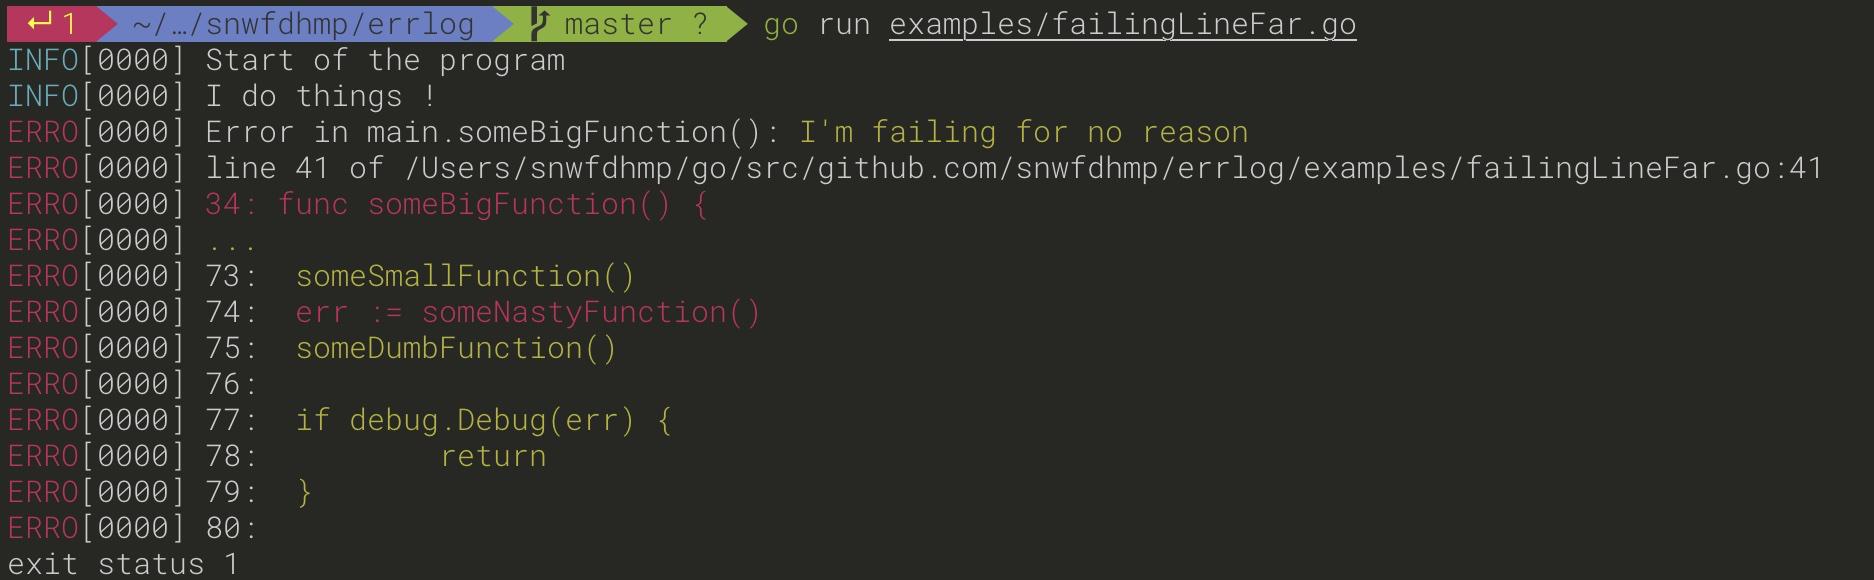 Source Example: error earlier in the code